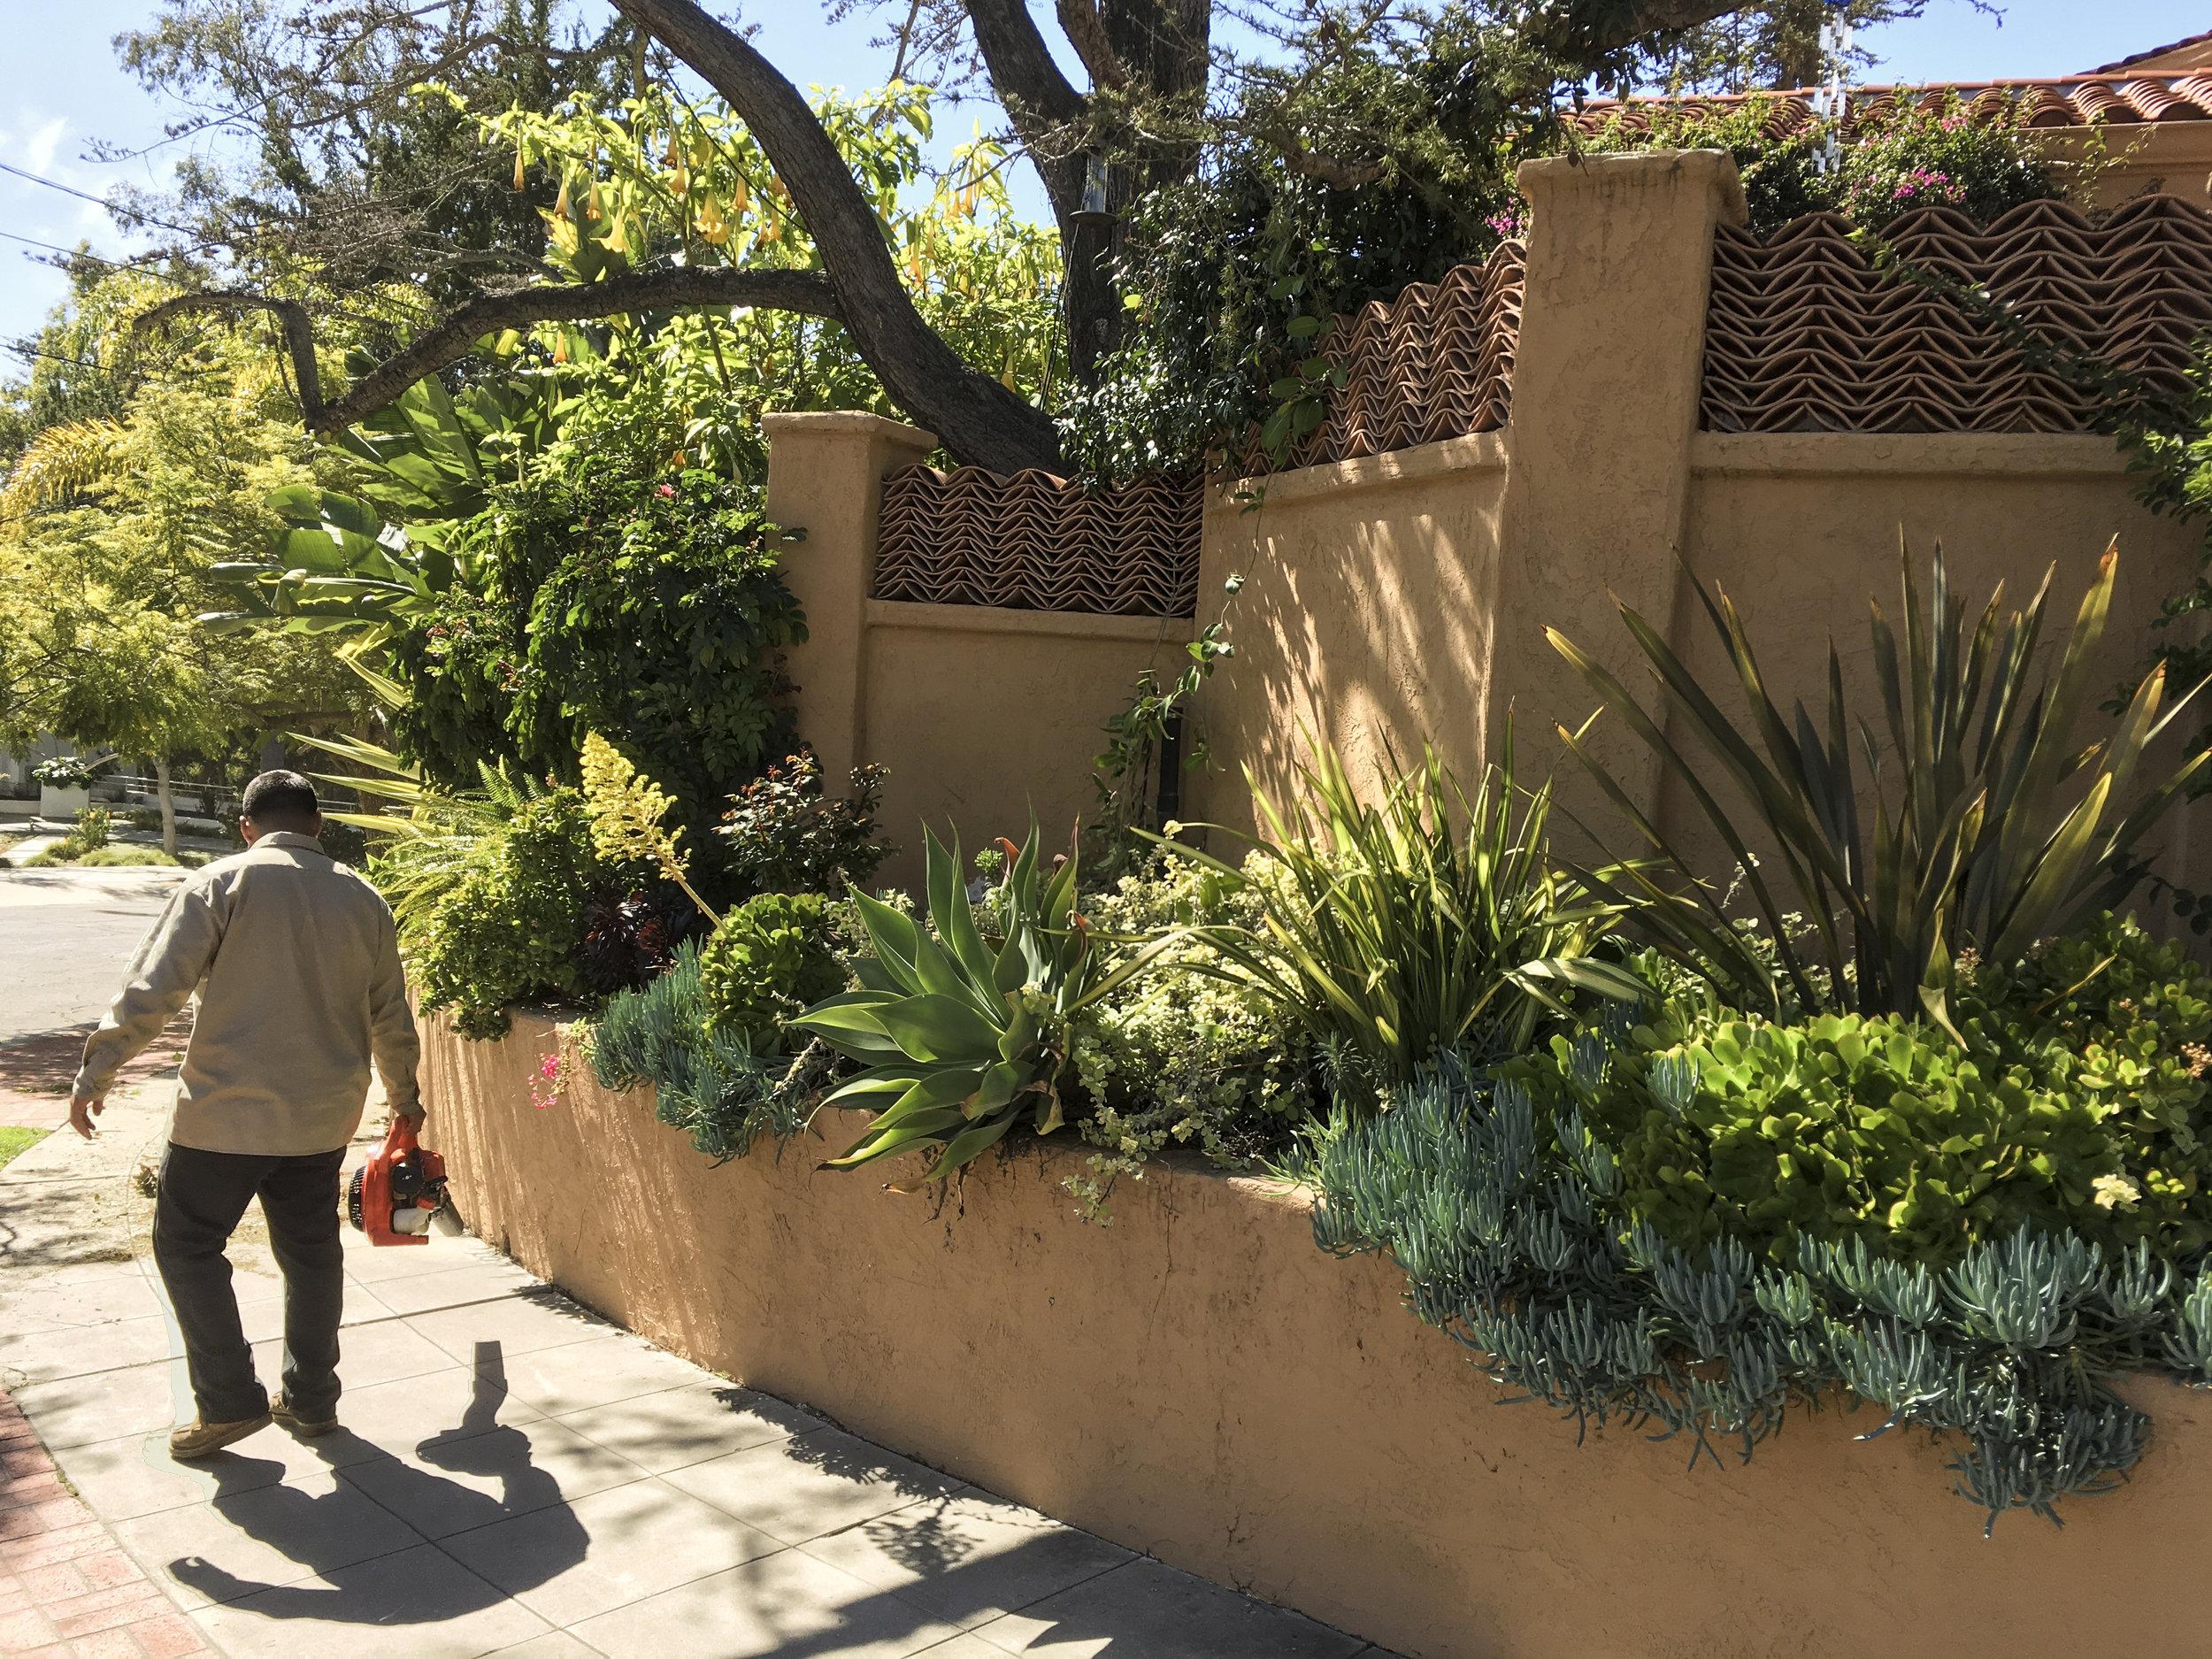 california_garden_roberto_flores_buck_13.jpg